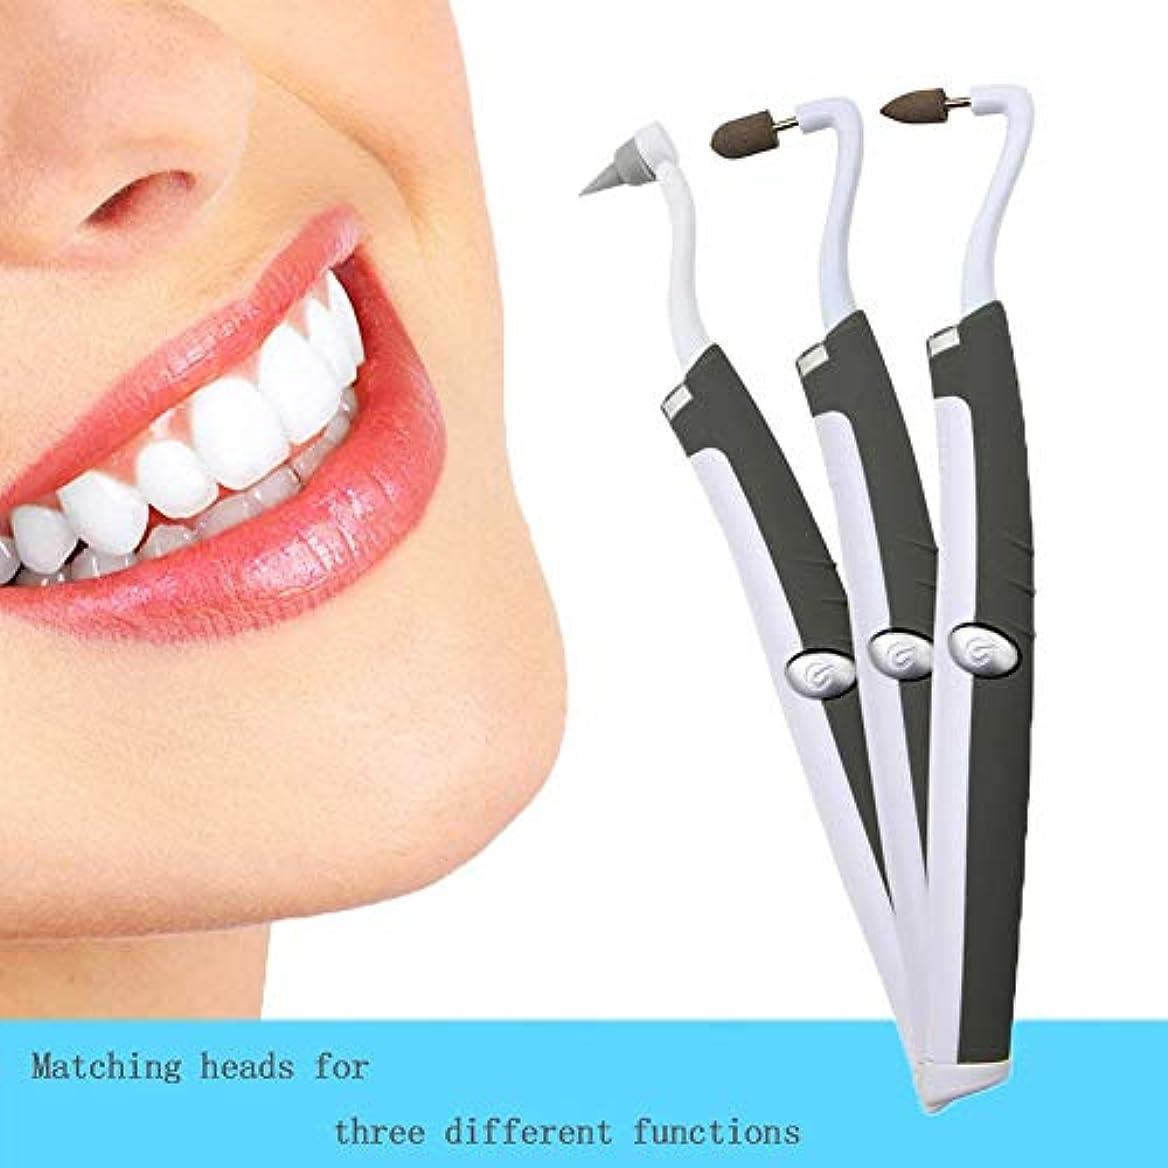 栄光インド拒絶歯石除去剤-変色を取り除き、歯を白くする歯石除去剤歯石が歯を除去しますポーランドのスリップが歯垢の汚れを防ぎます(3頭)